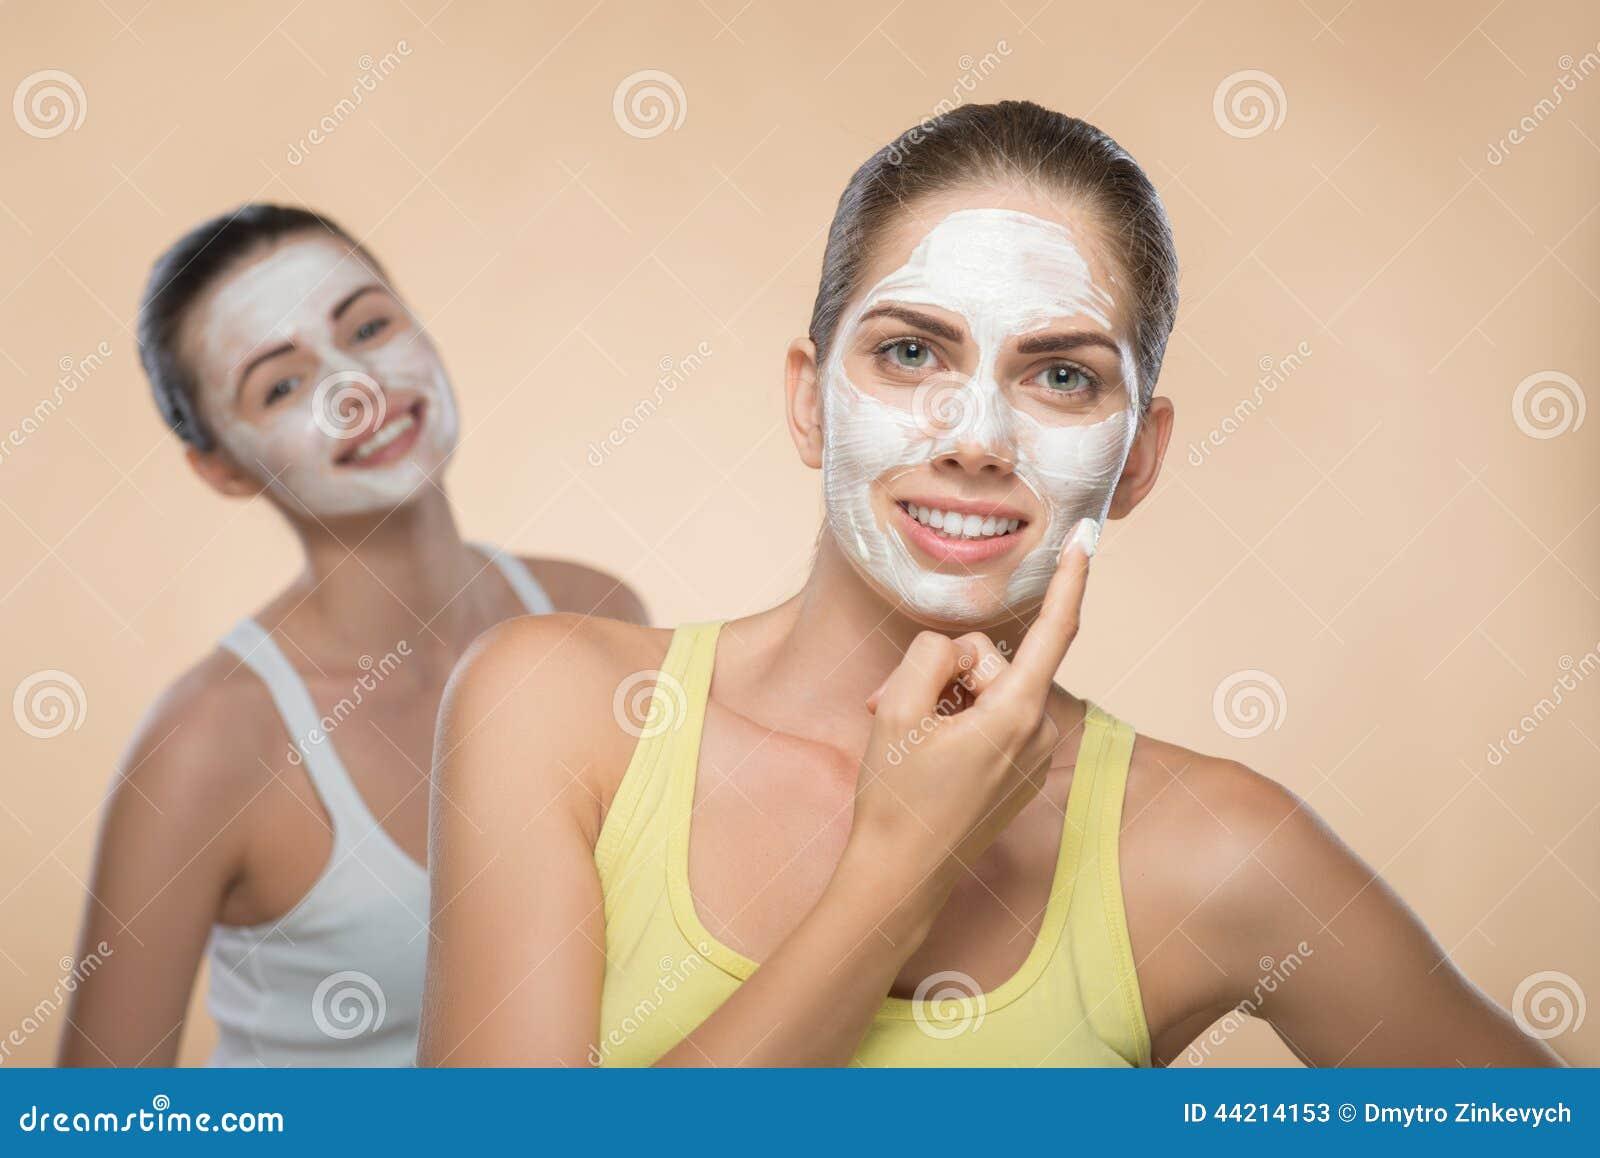 Two Facial Girls